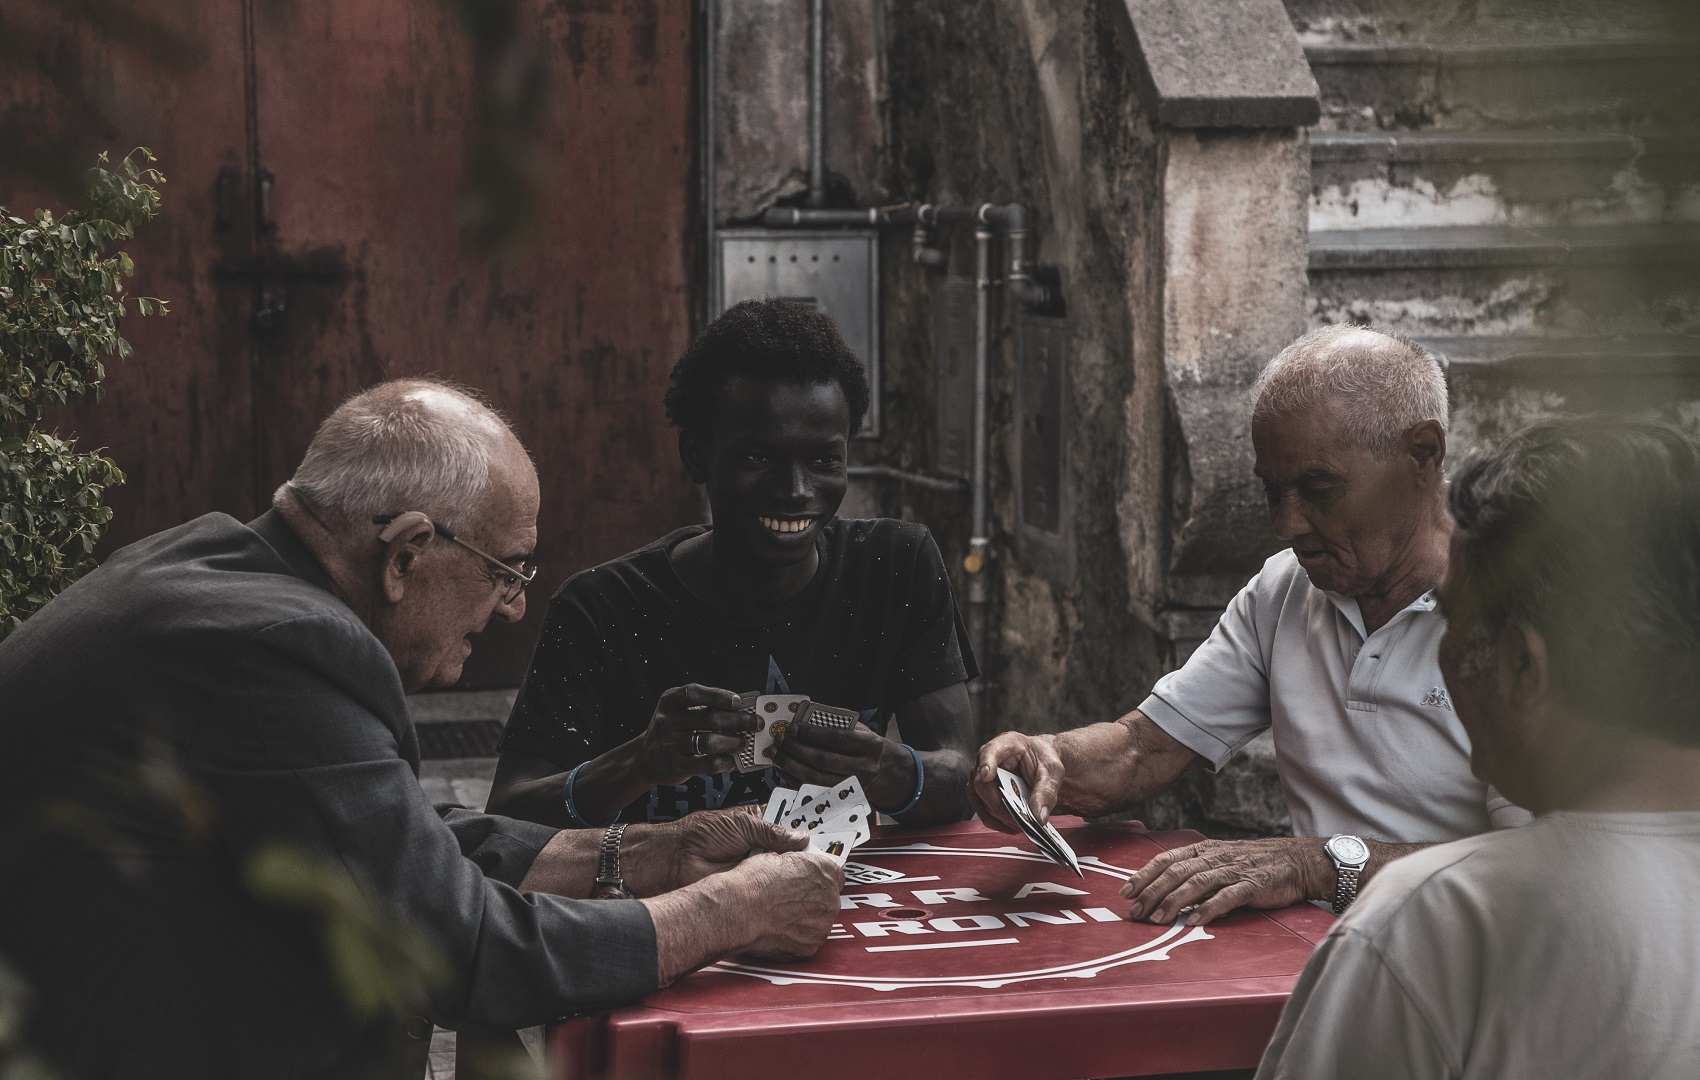 Migranti e integrazione, Matera 2019. Ph. Pietro Micucci